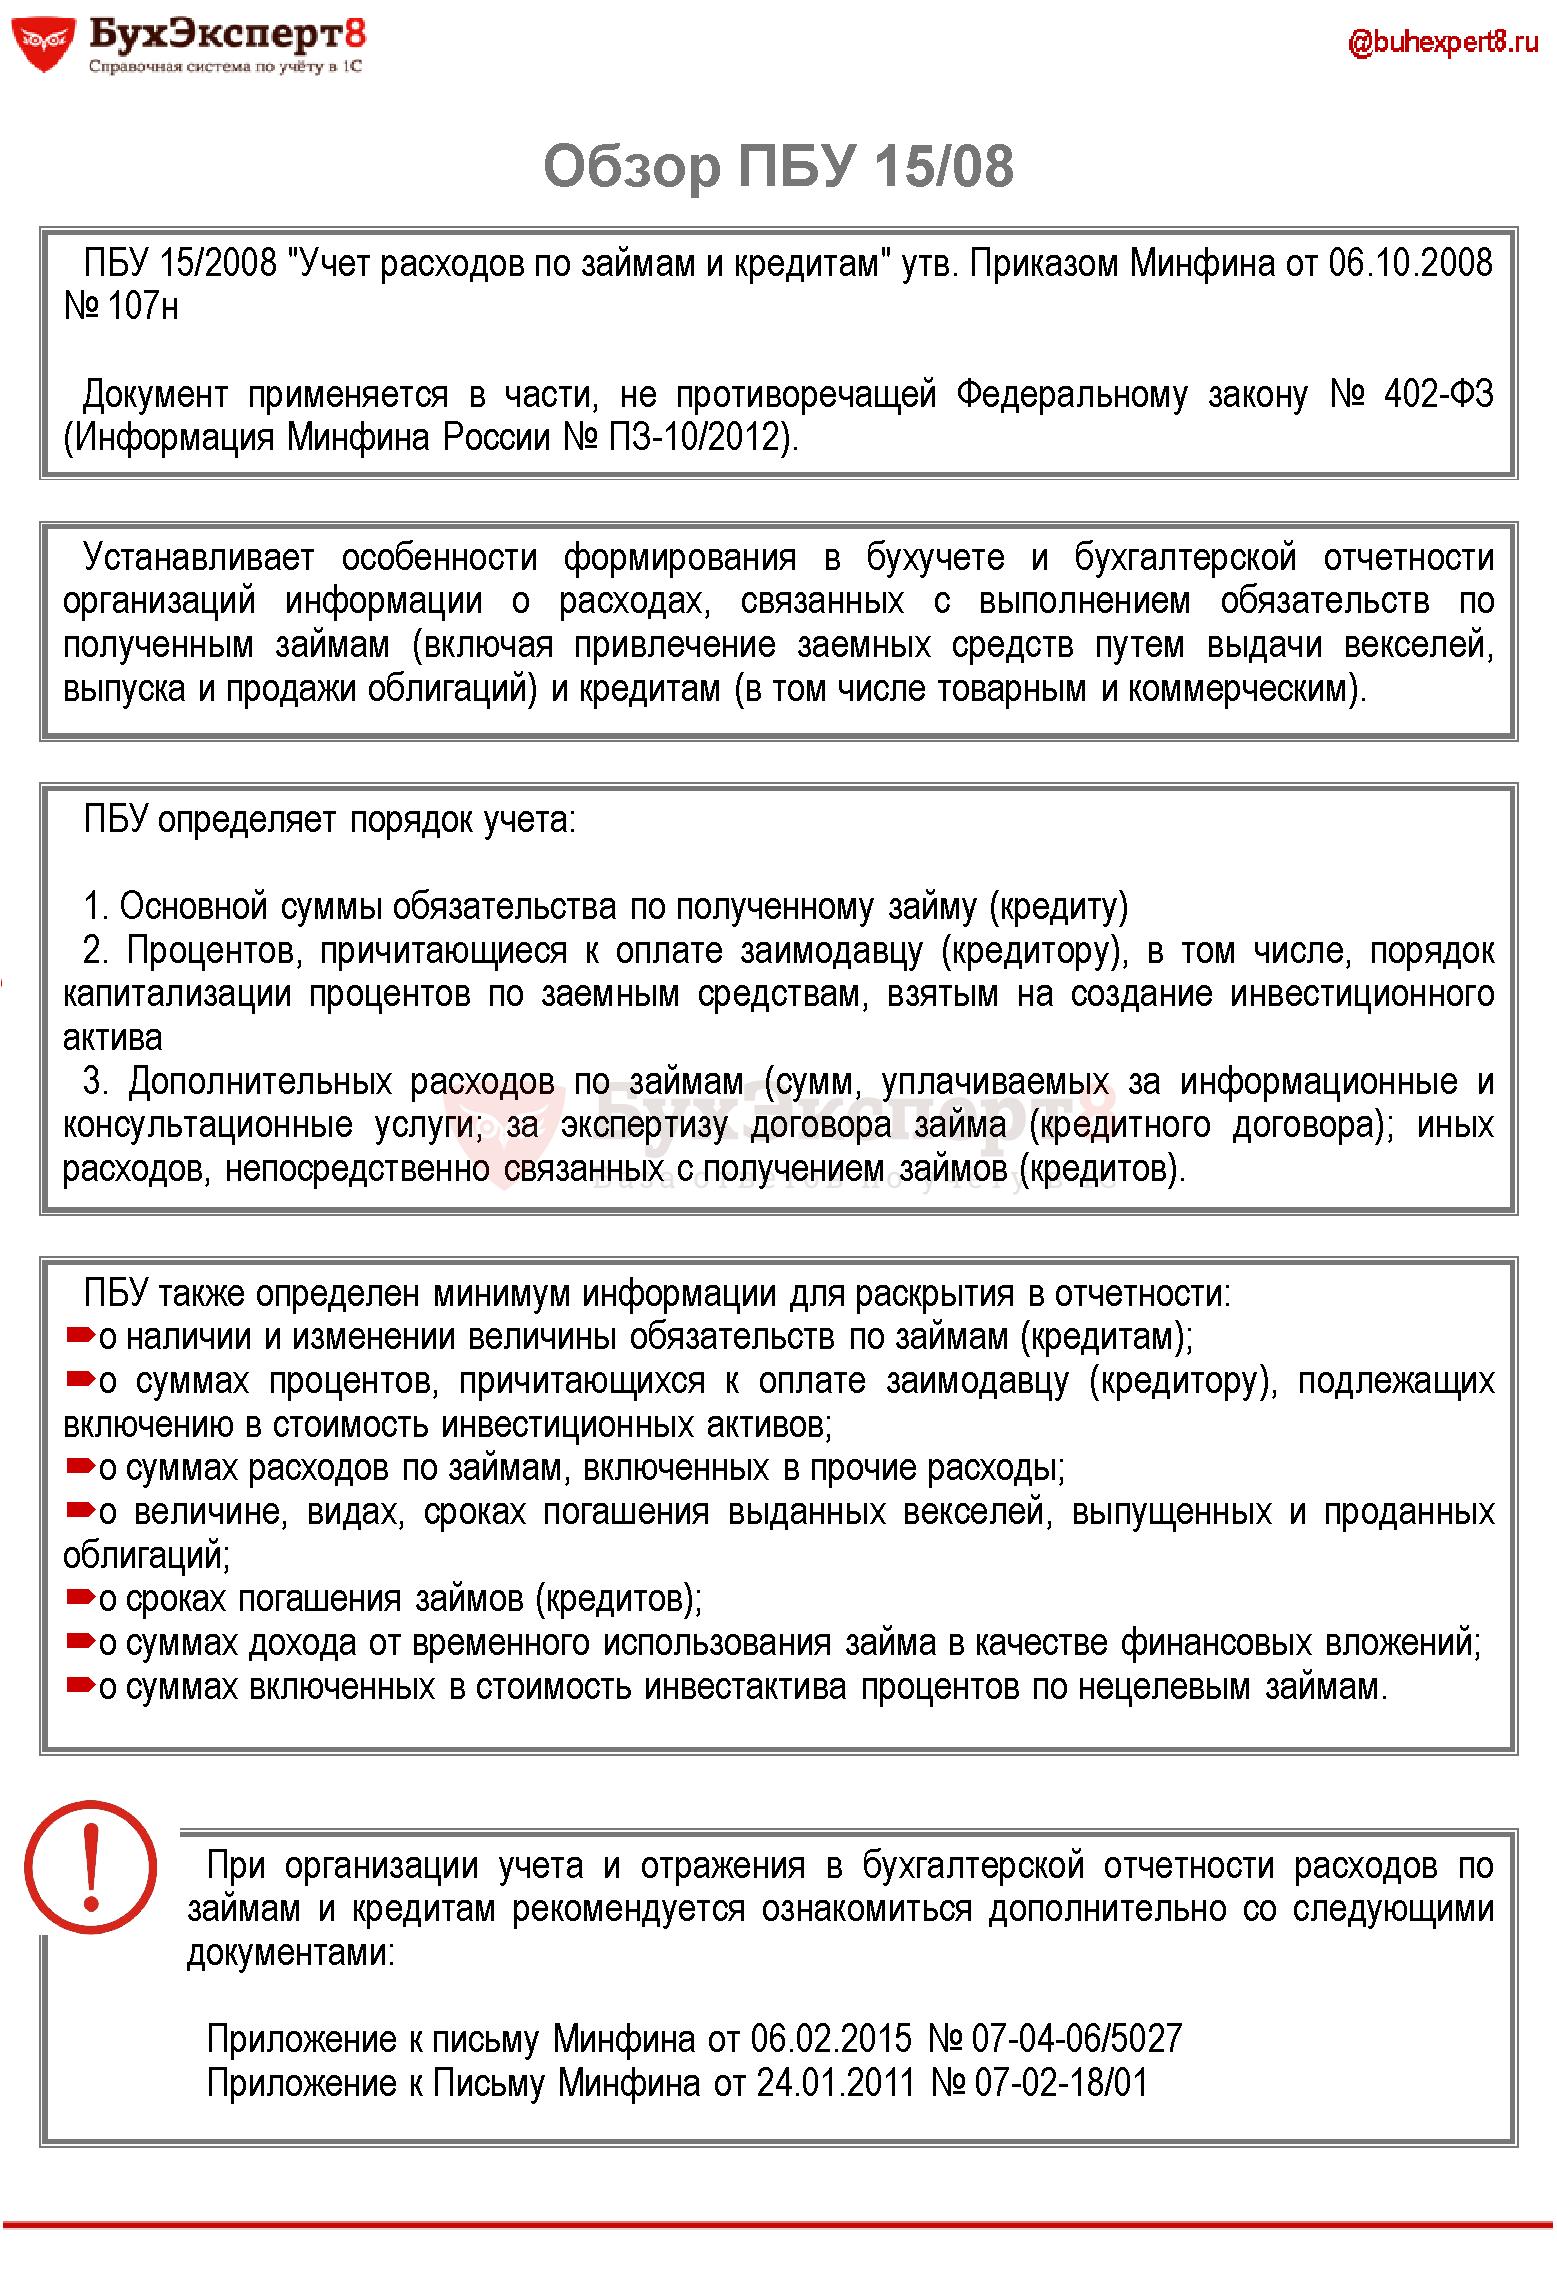 займы от частных лиц под проценты в иркутске